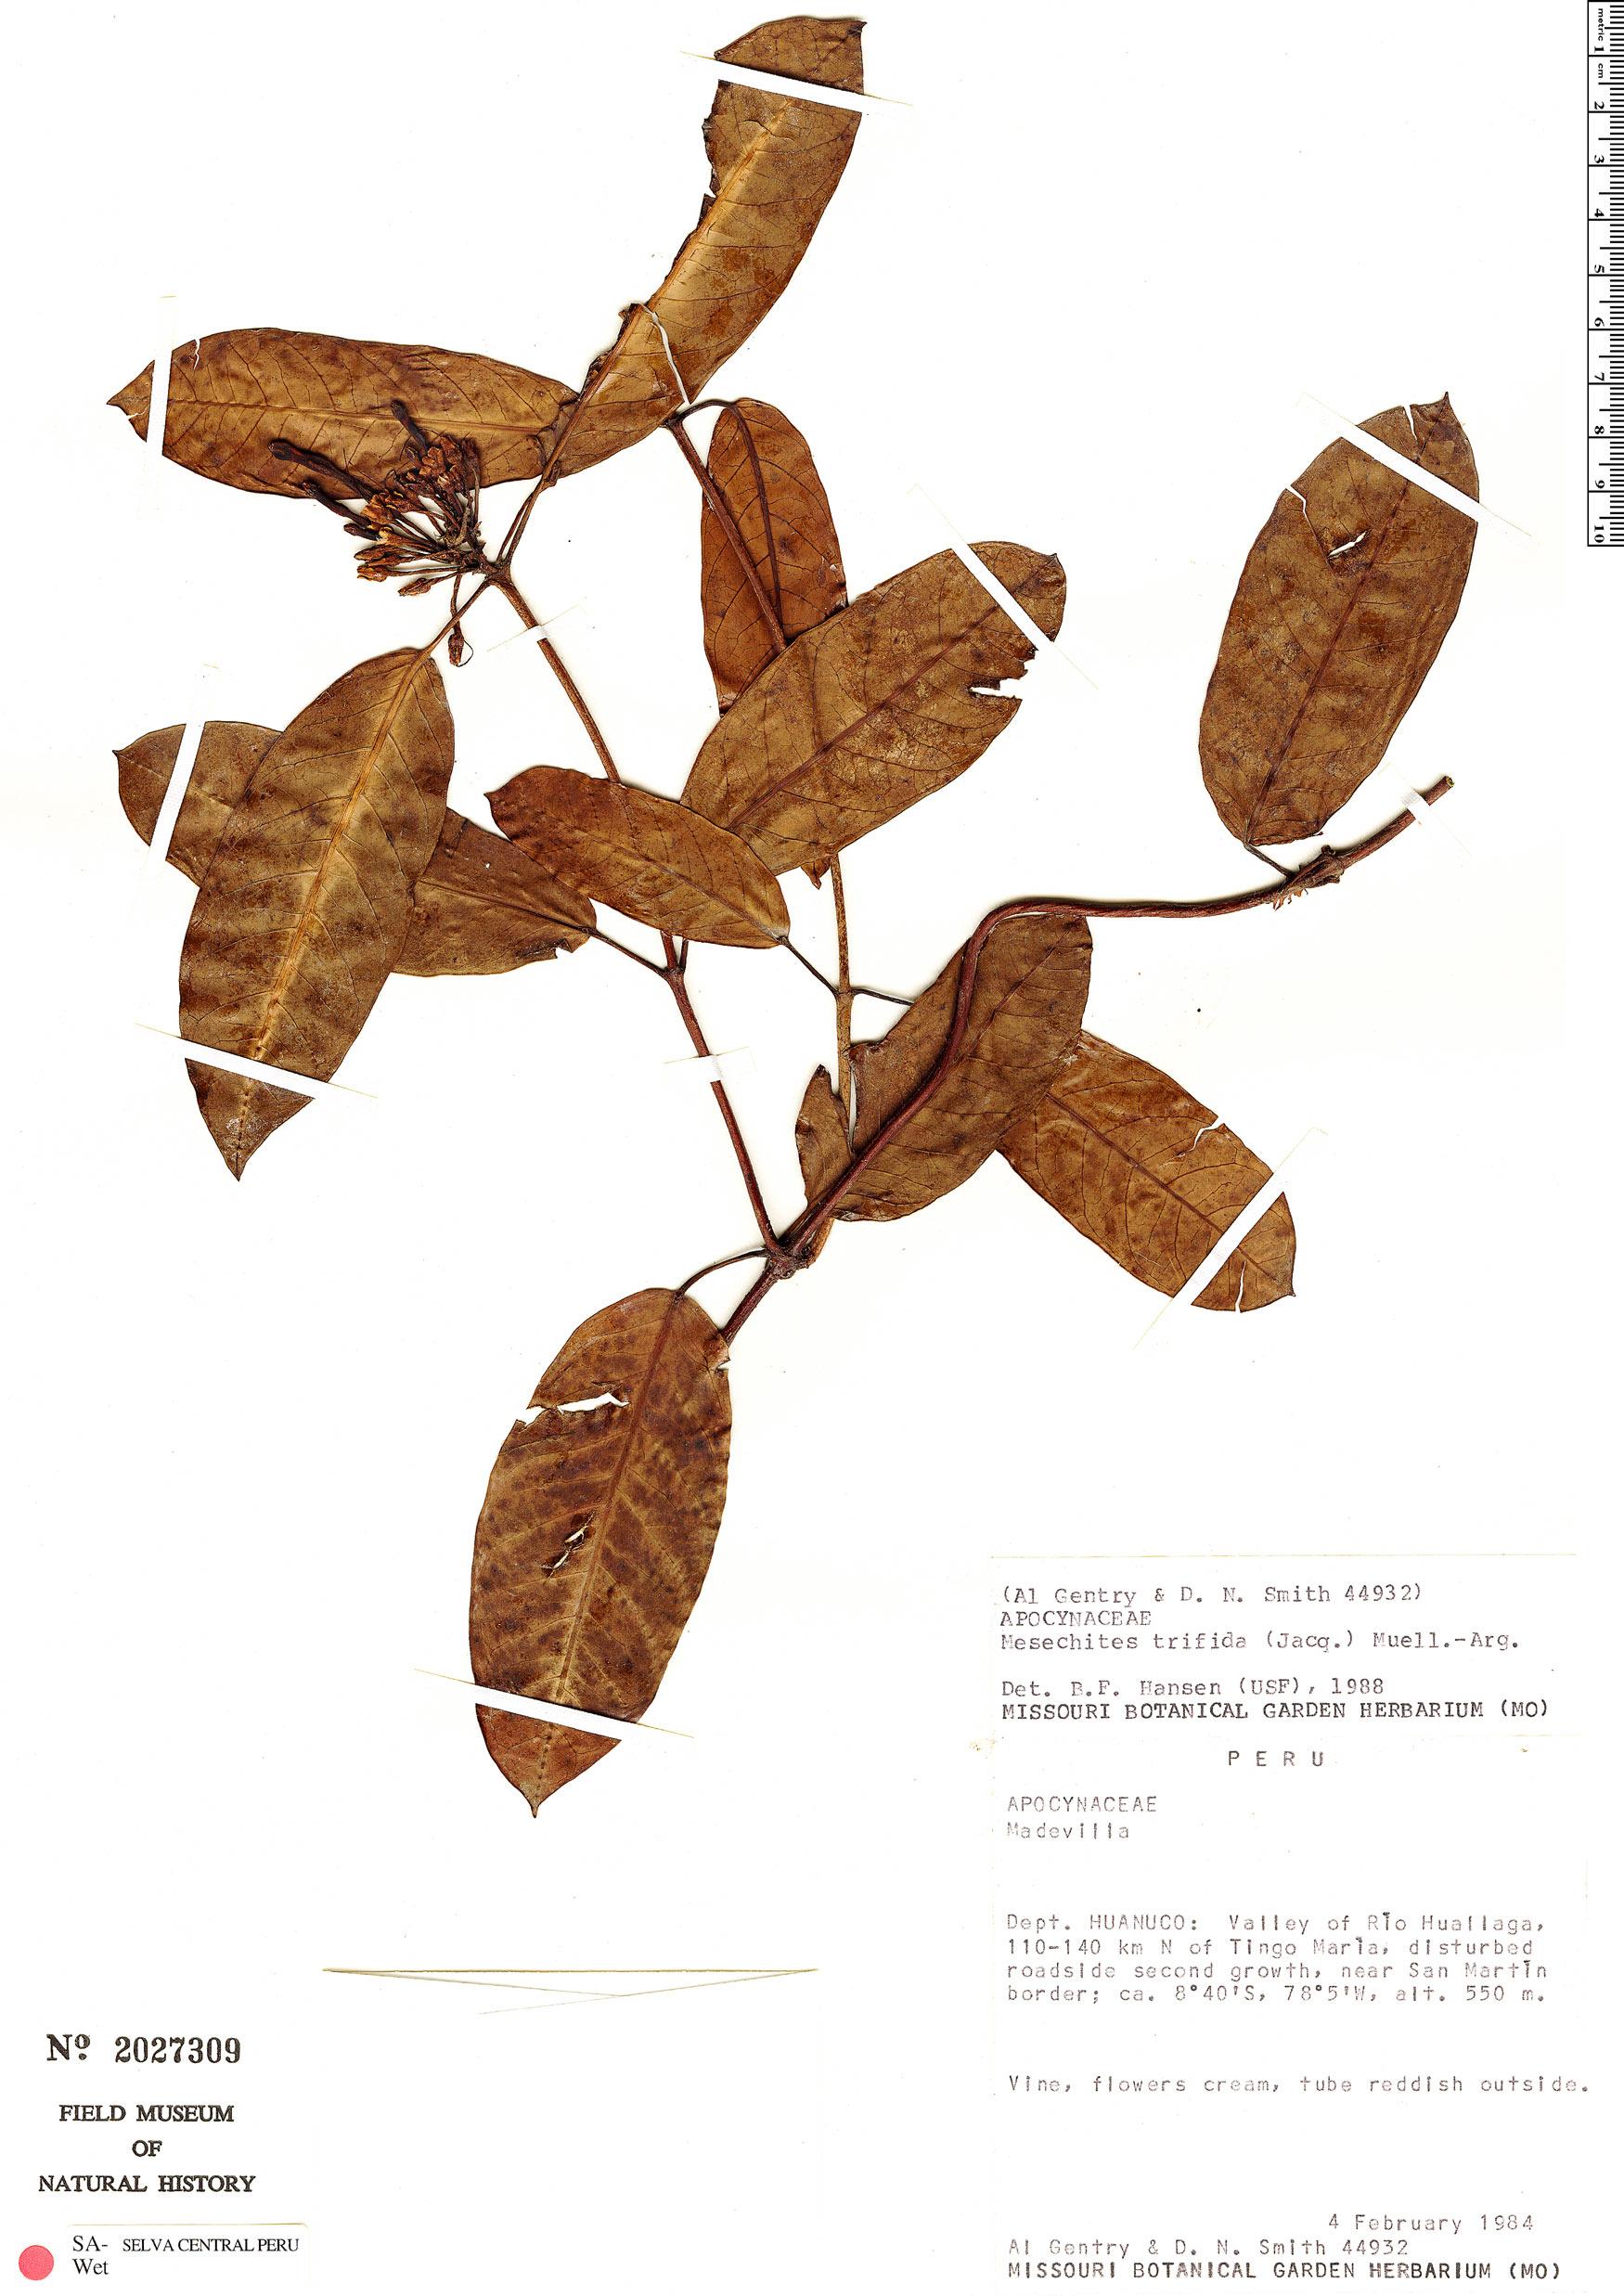 Specimen: Mesechites trifidus